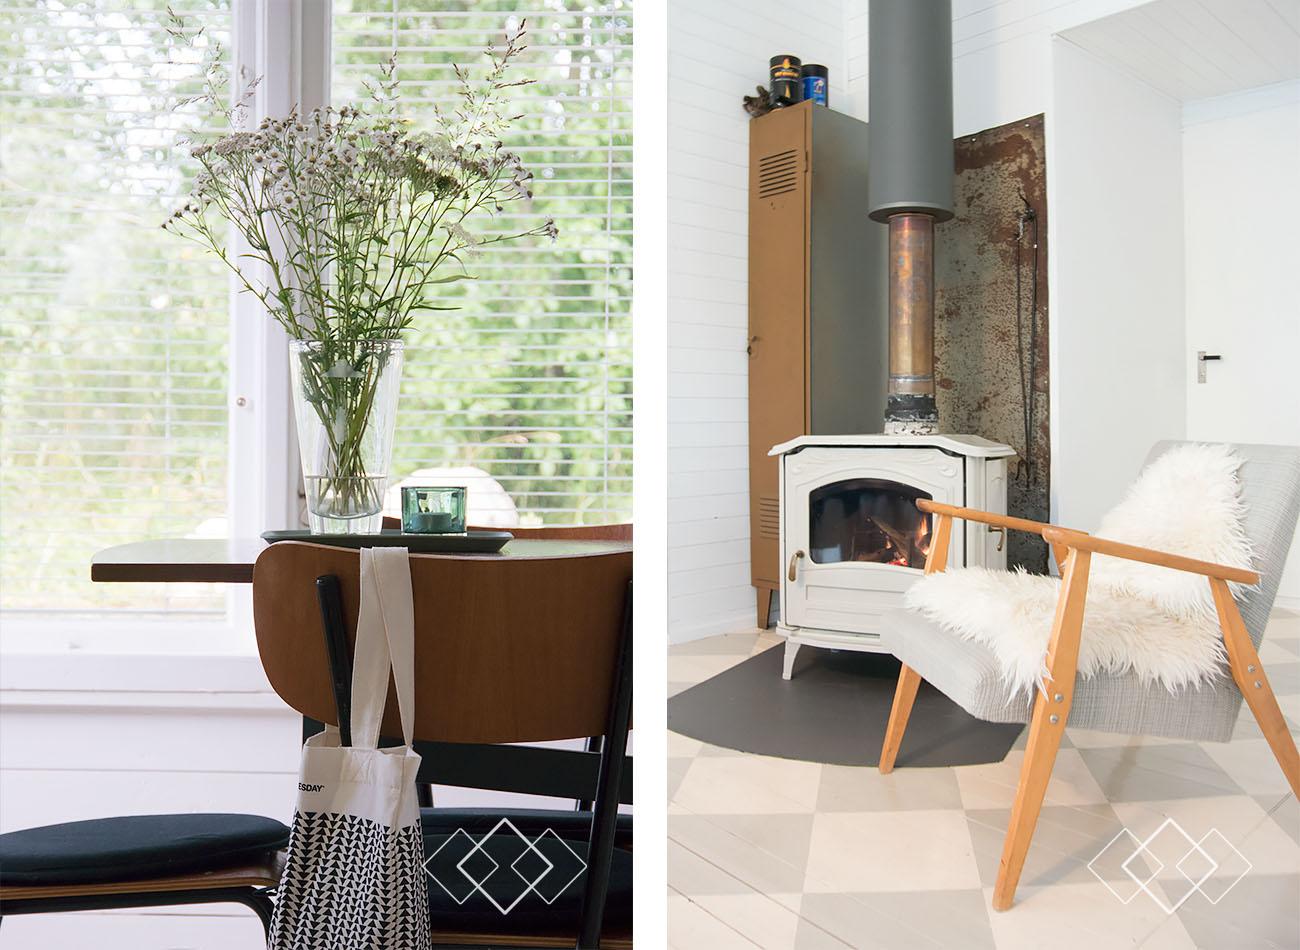 Zweden Airbnb - staand